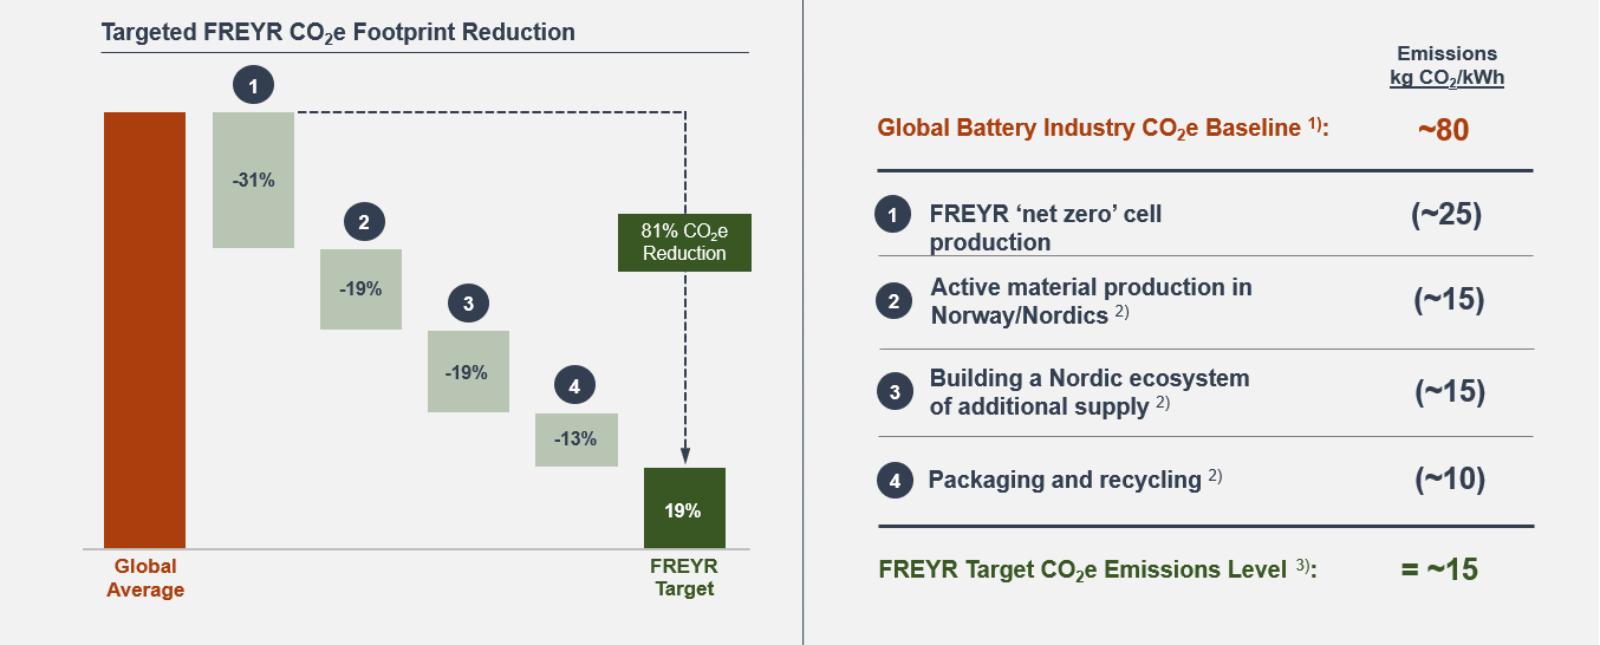 FREYR Target Emissions